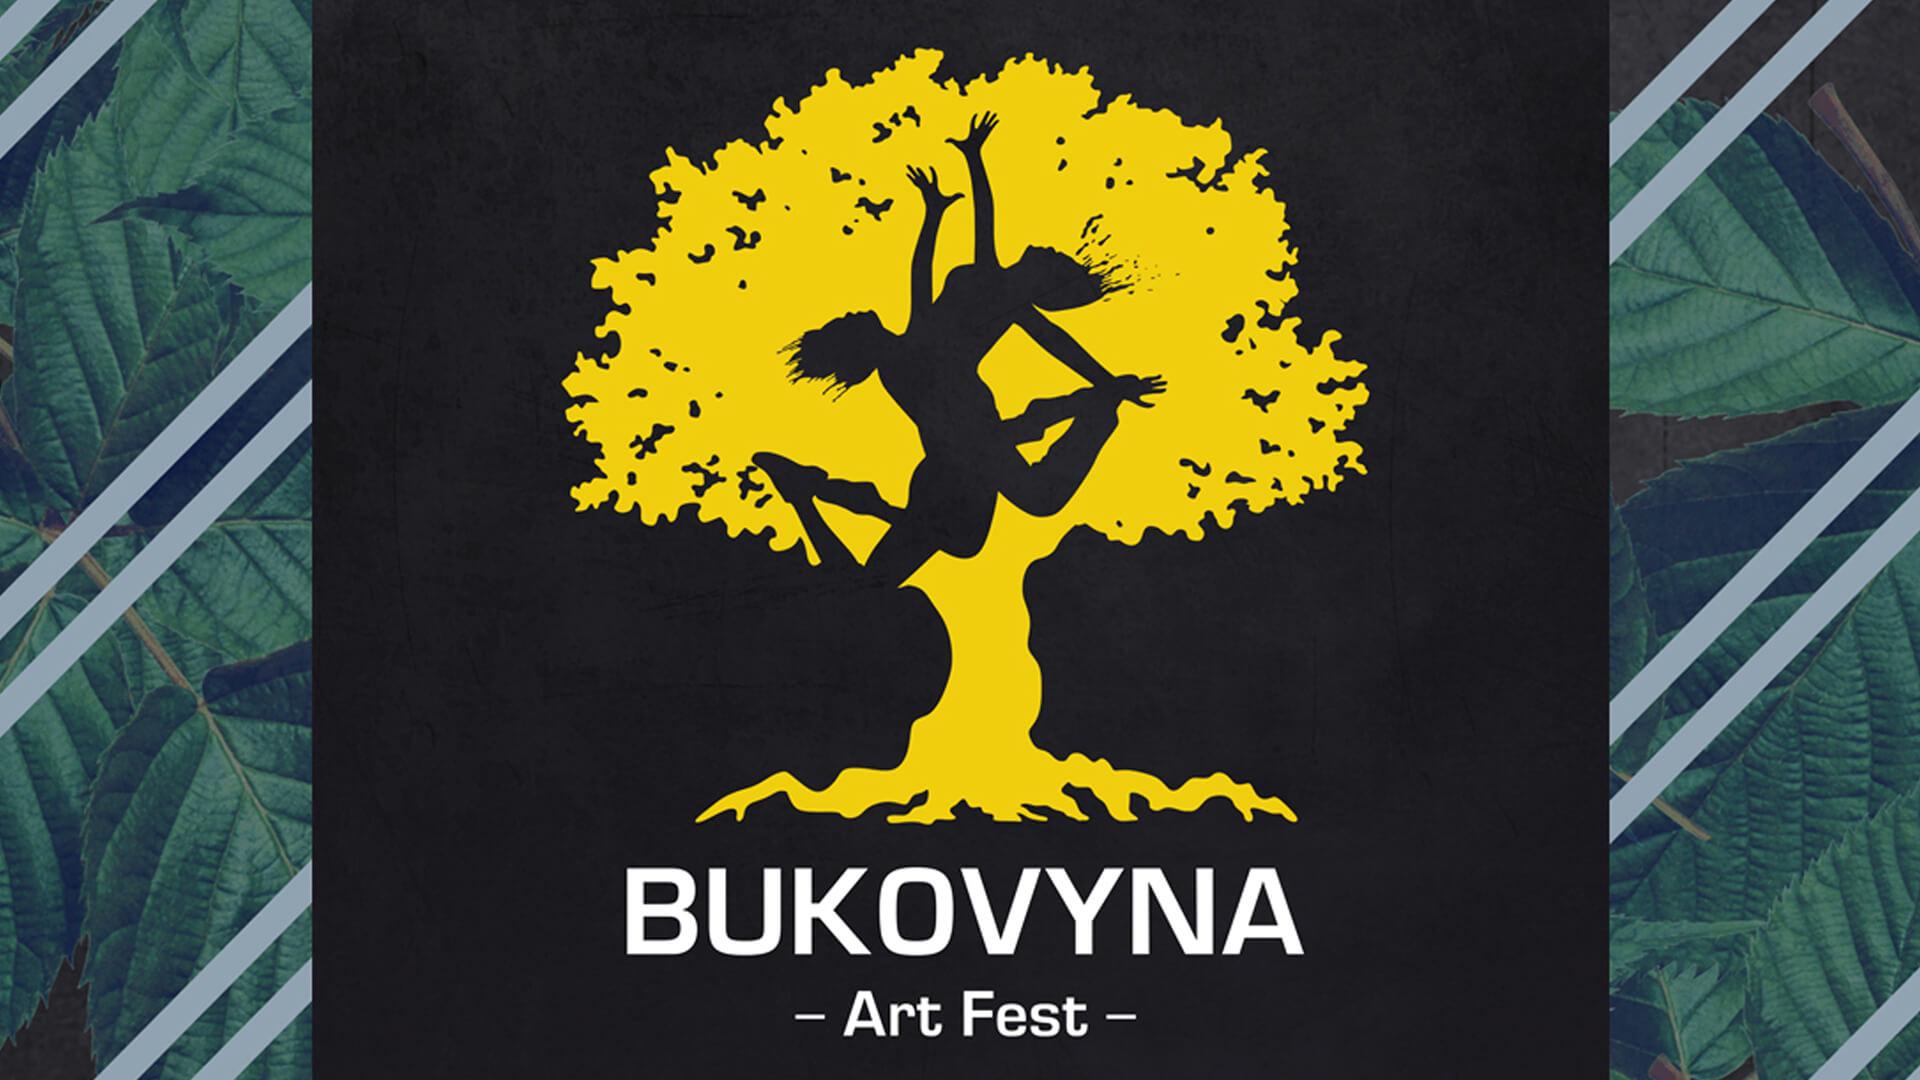 Bukovyna Art Fest